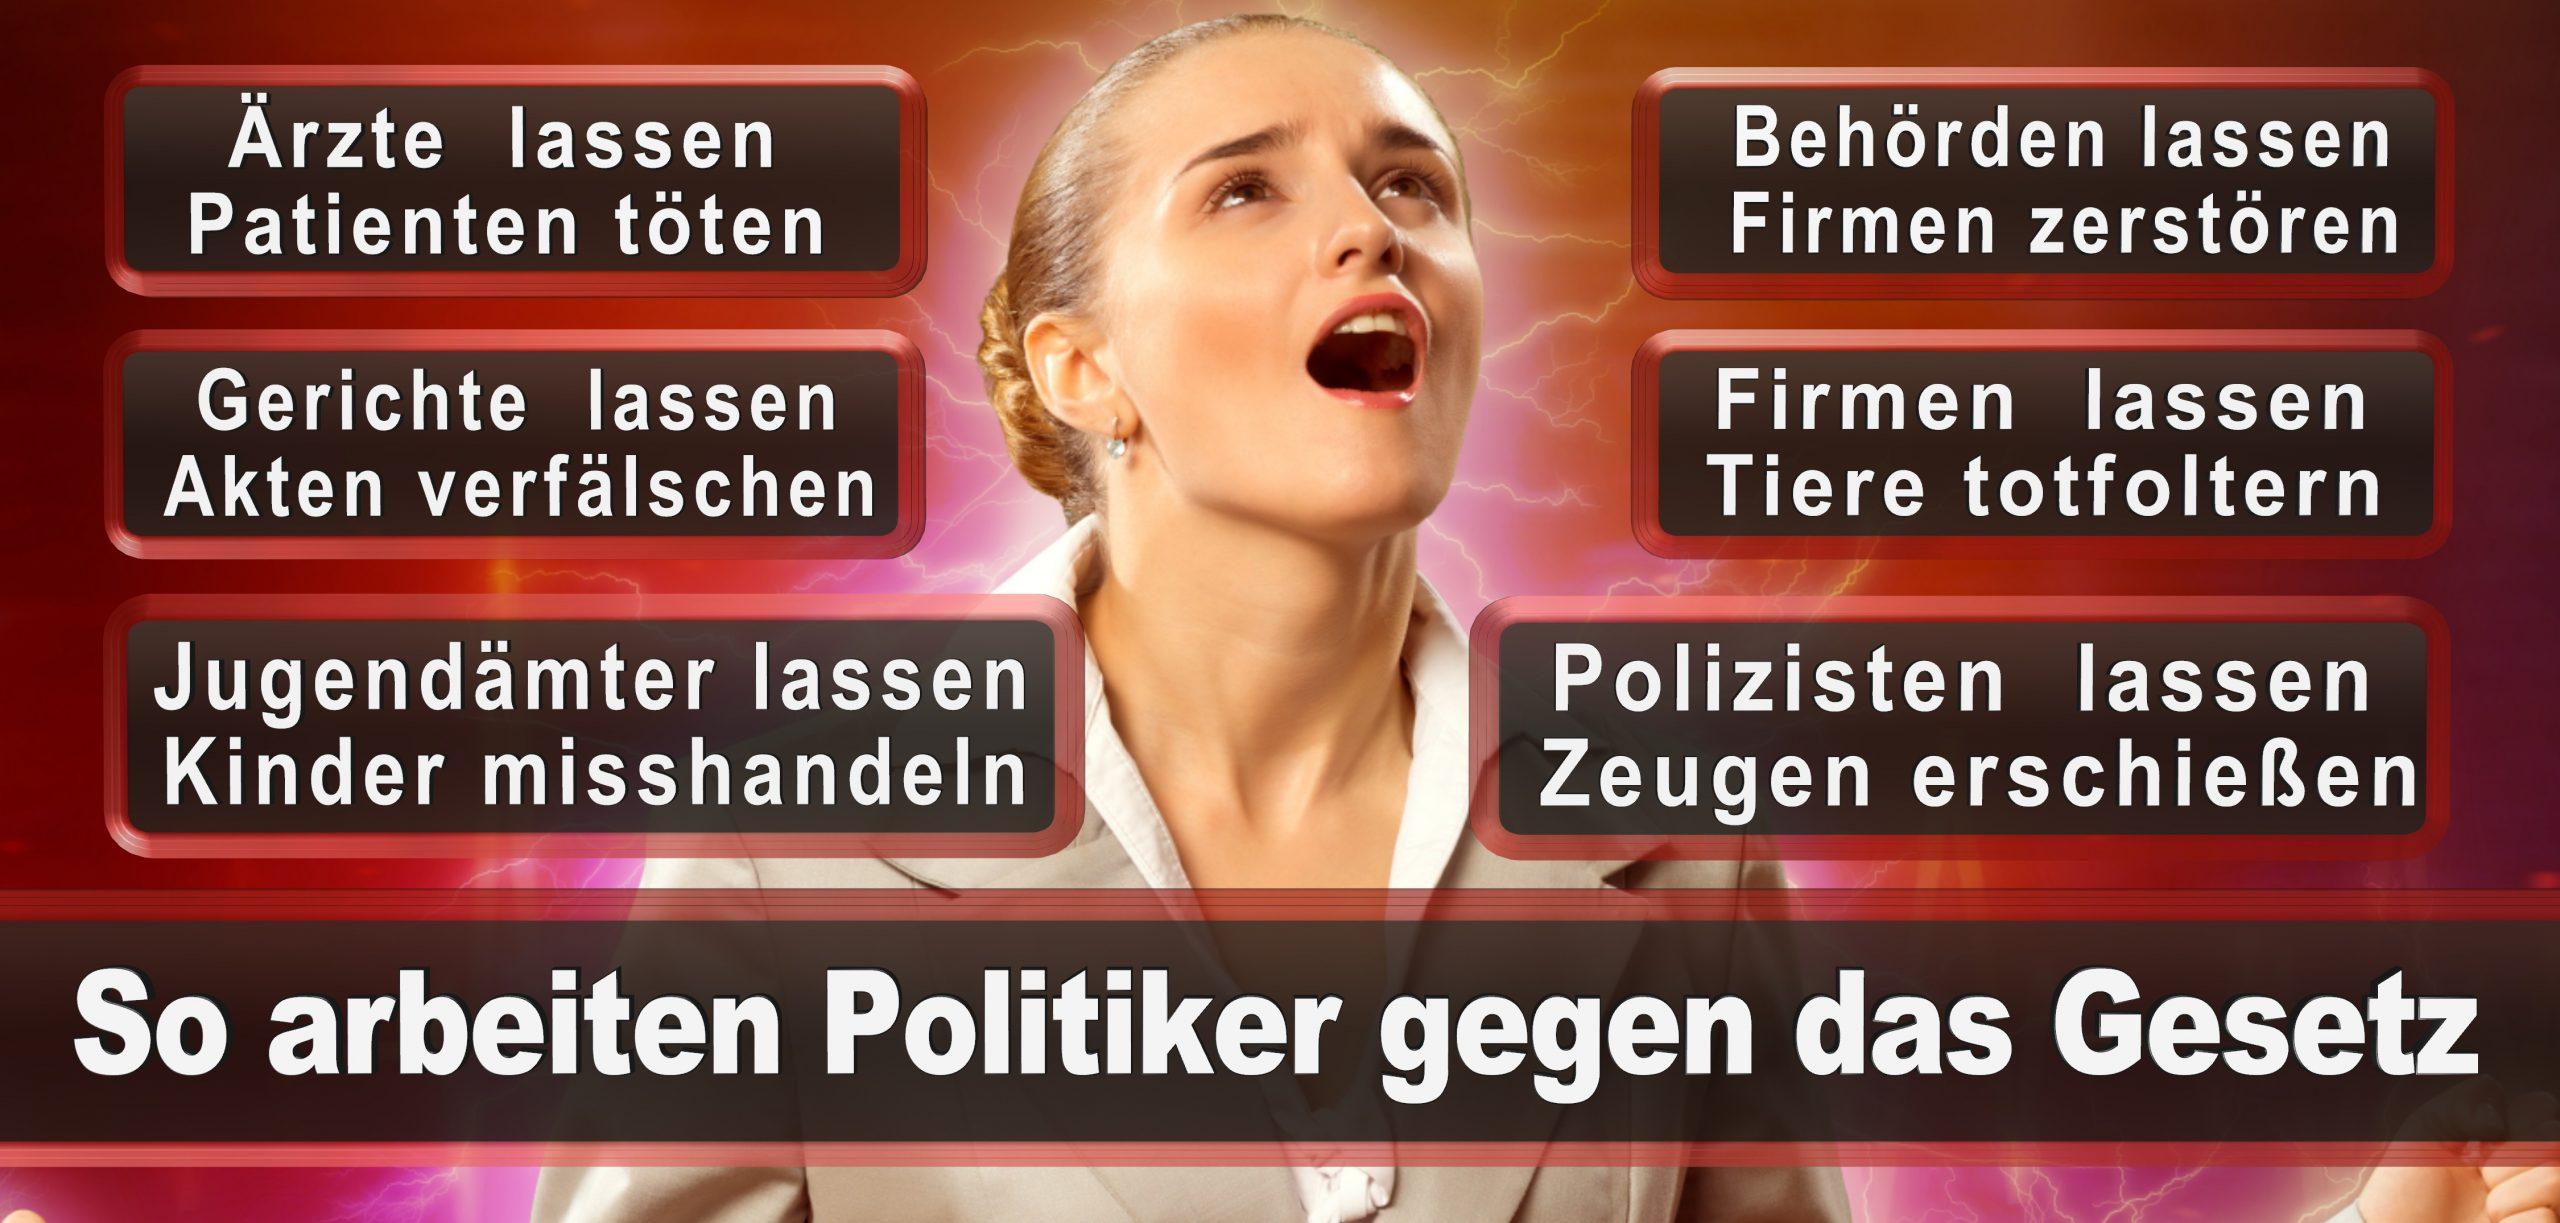 Bundestagswahl 2021 Wahlplakate CDU SPD FDP AFD Grüne Linke Stimmzettel Prognose Umfrage Kandidaten Parteien Datum (60)